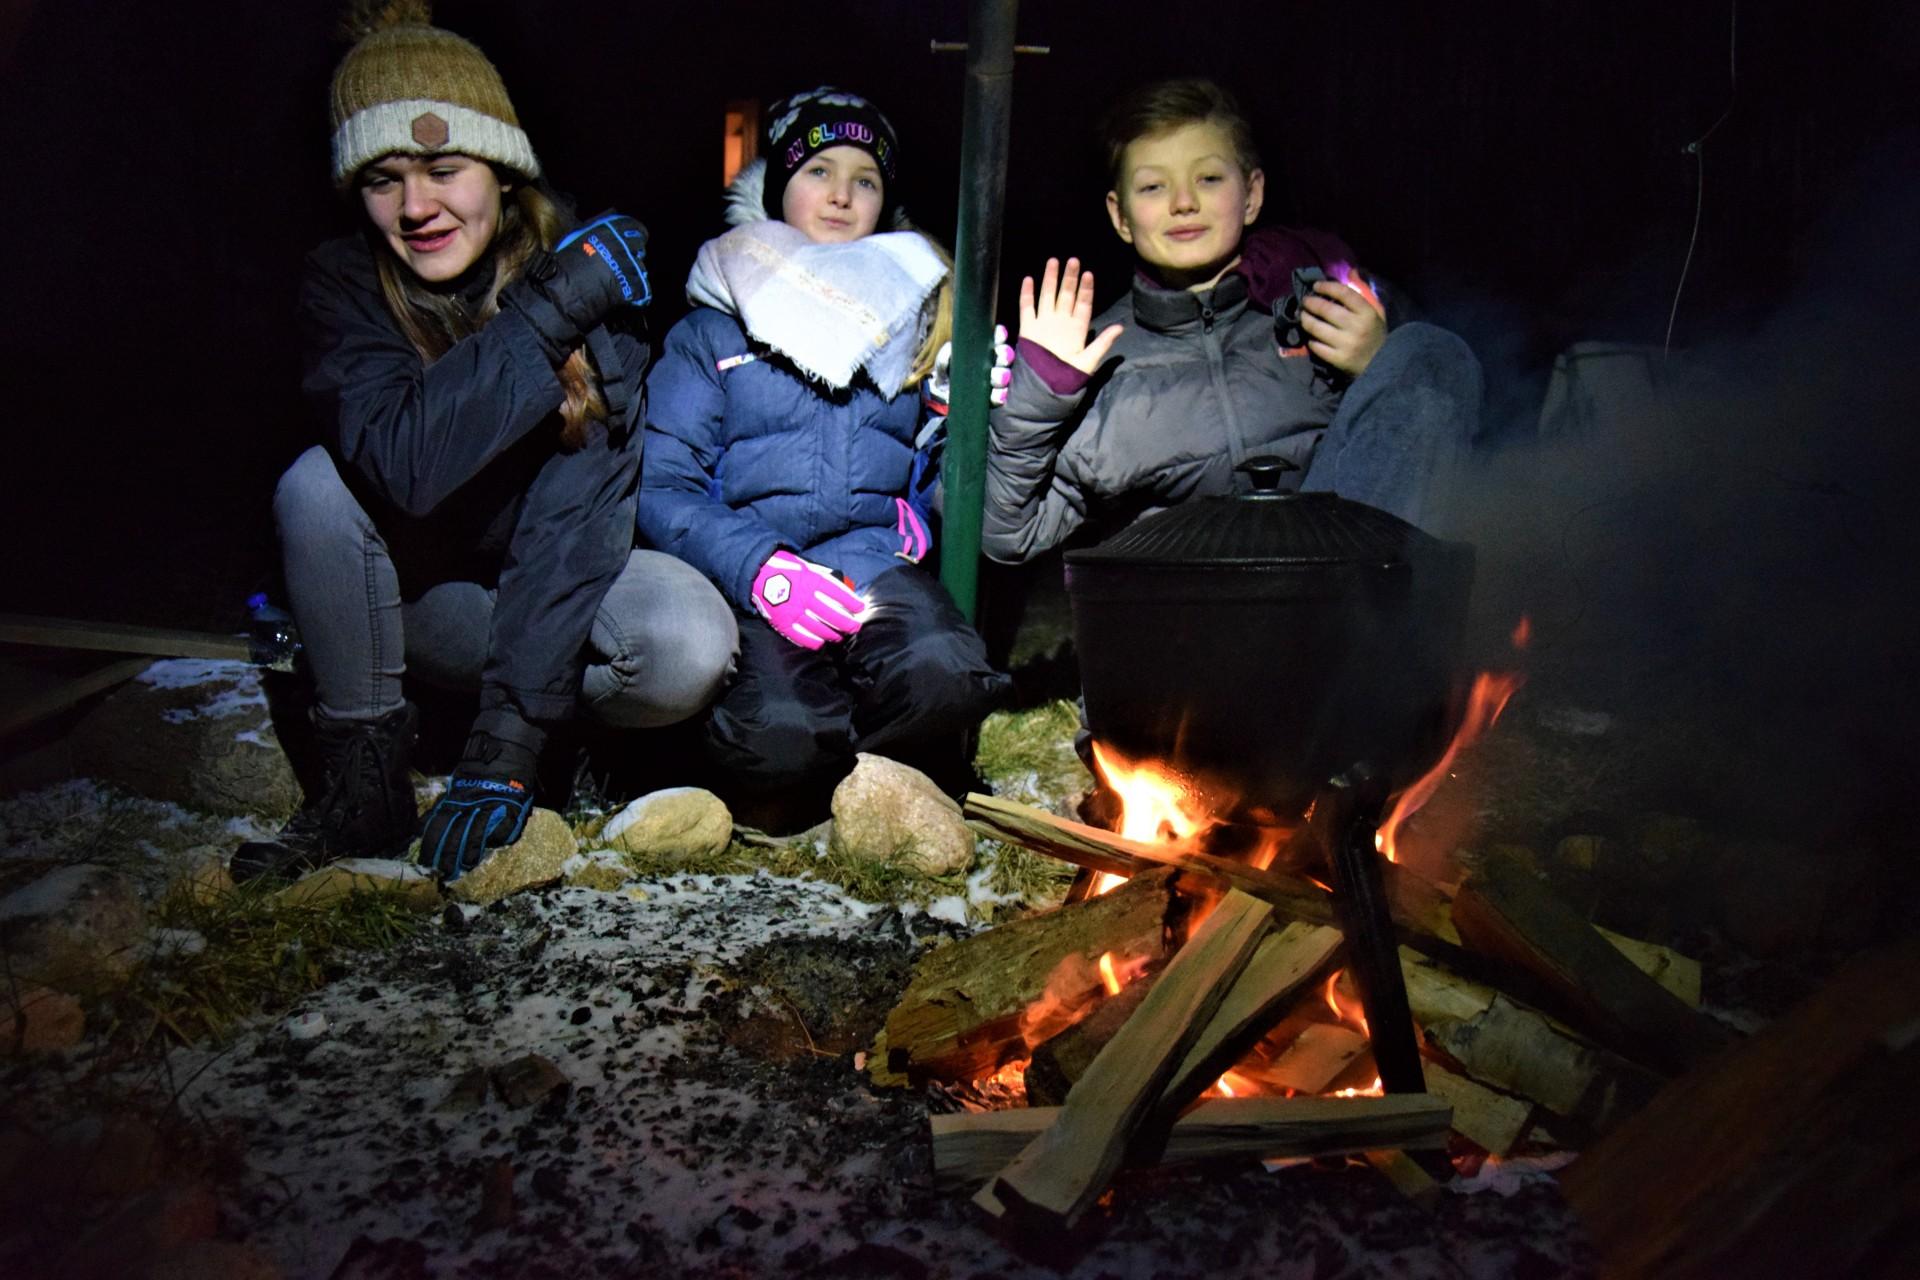 Rodzinna kolacja przy ognisku. Fot. Tomasz Słomczyński/Magazyn Kaszuby